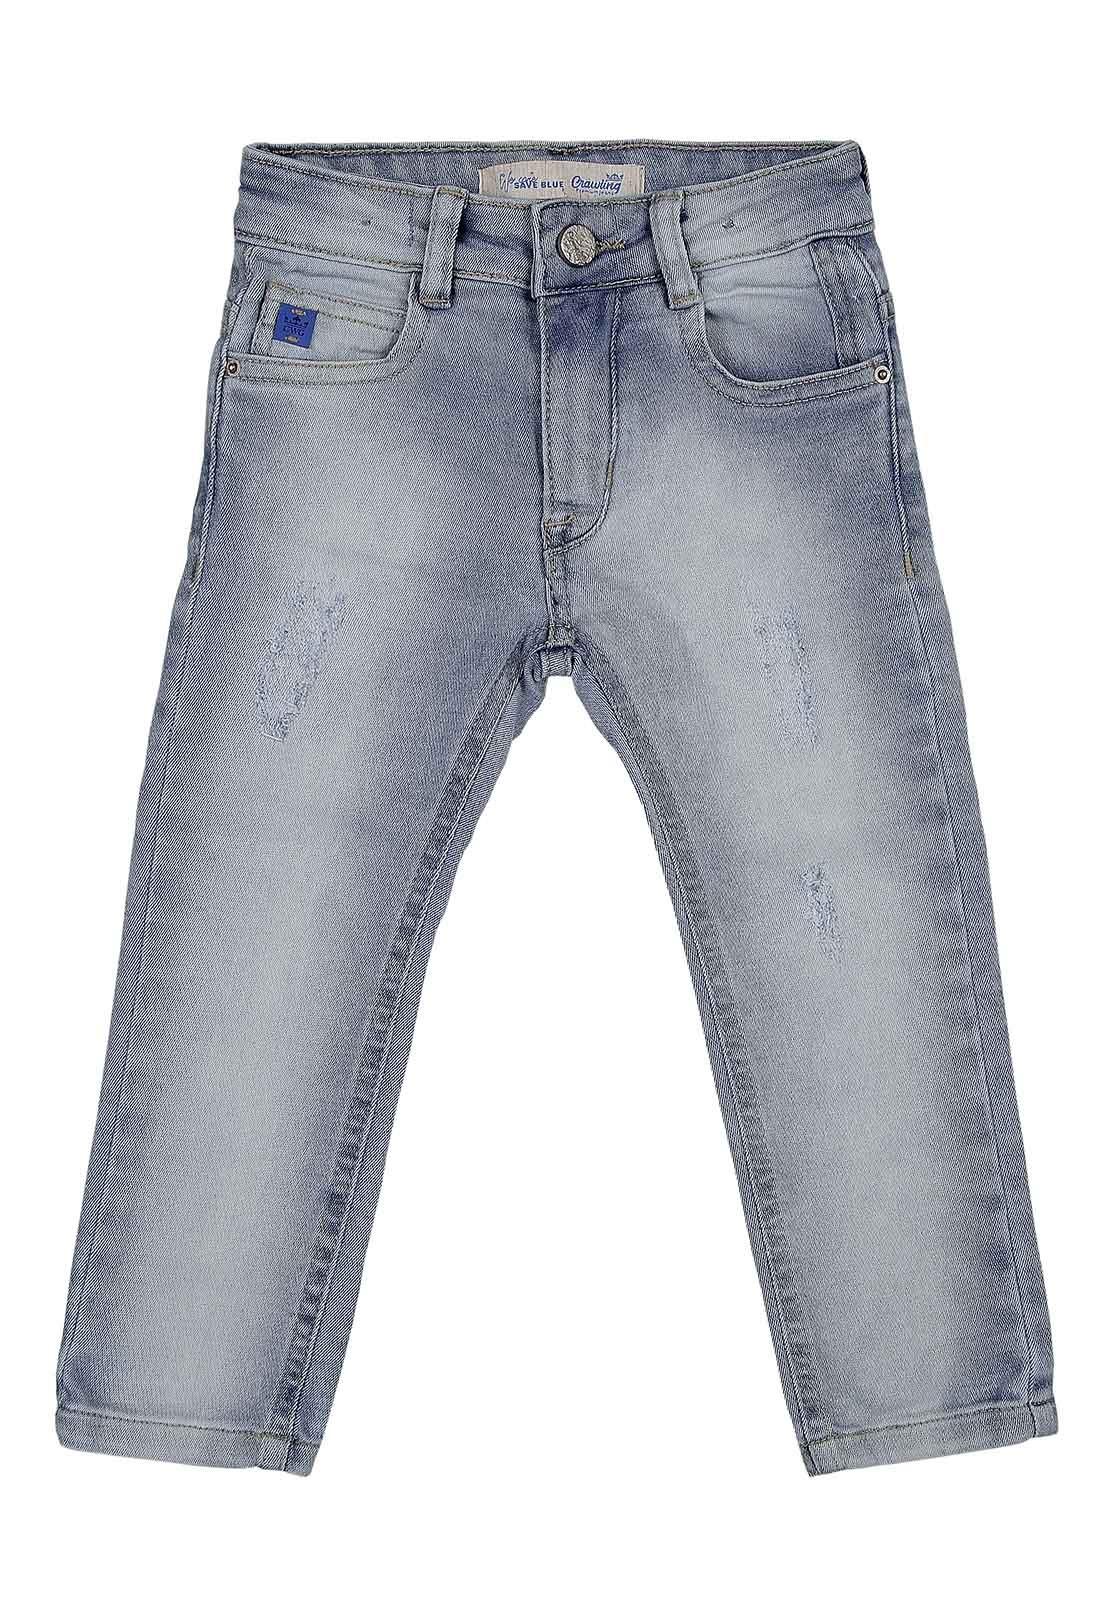 Calça Jeans Crawling Masculina Skinny